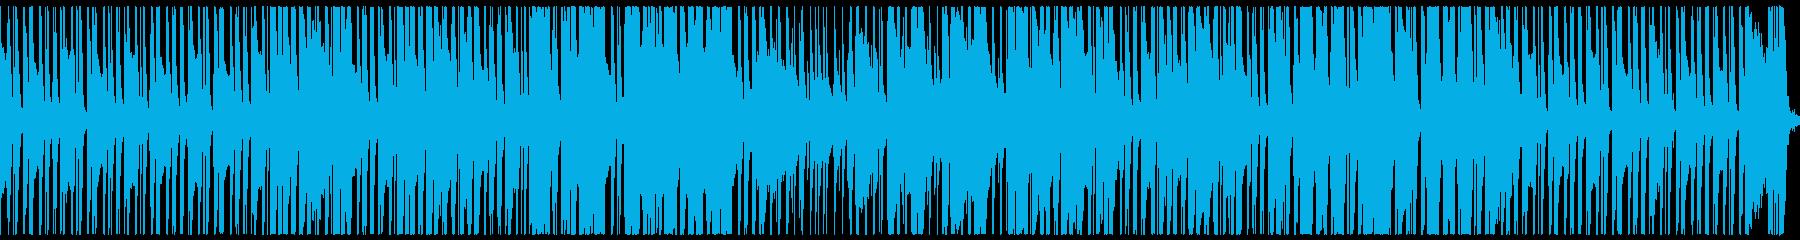 ジャズ アクション ハイテク アン...の再生済みの波形